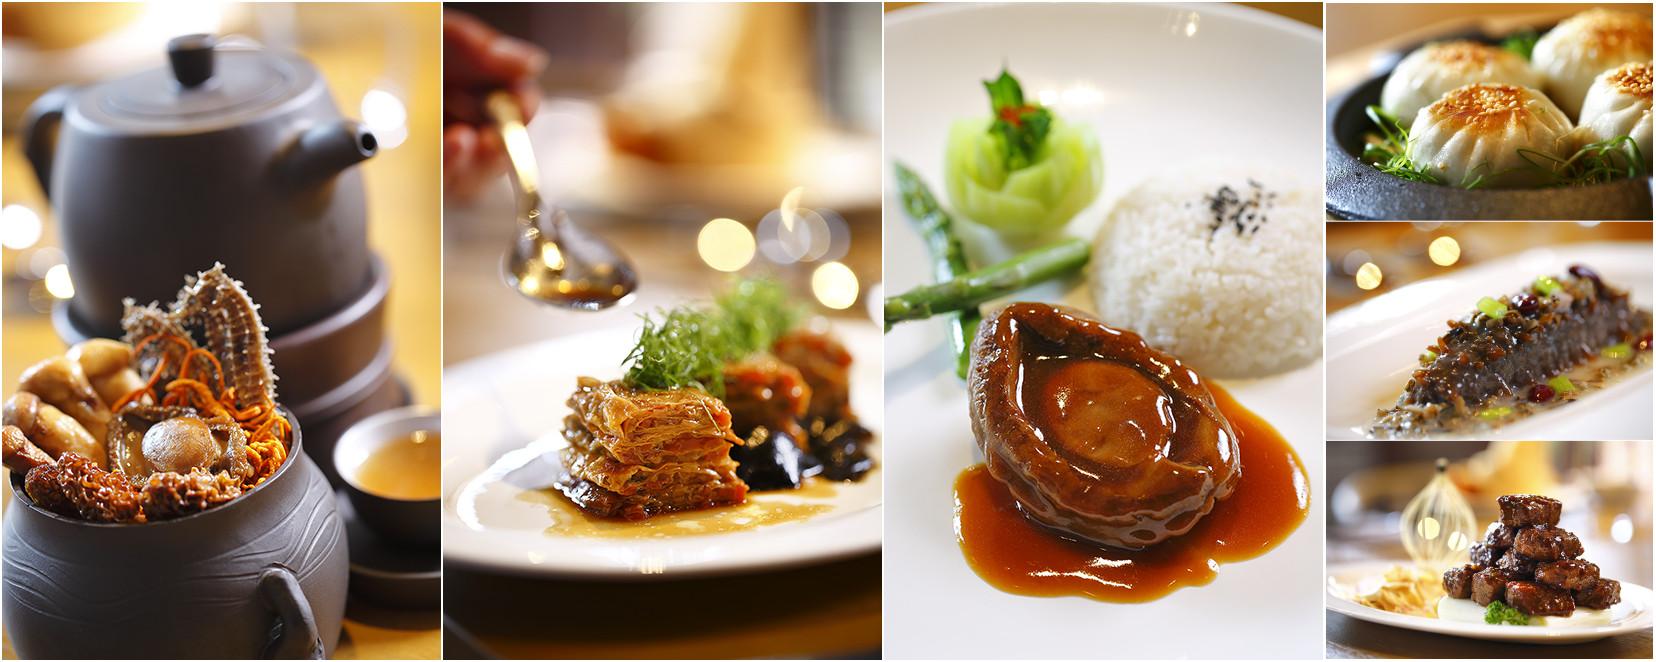 海棠湾天房洲际度假酒店 酒店美食